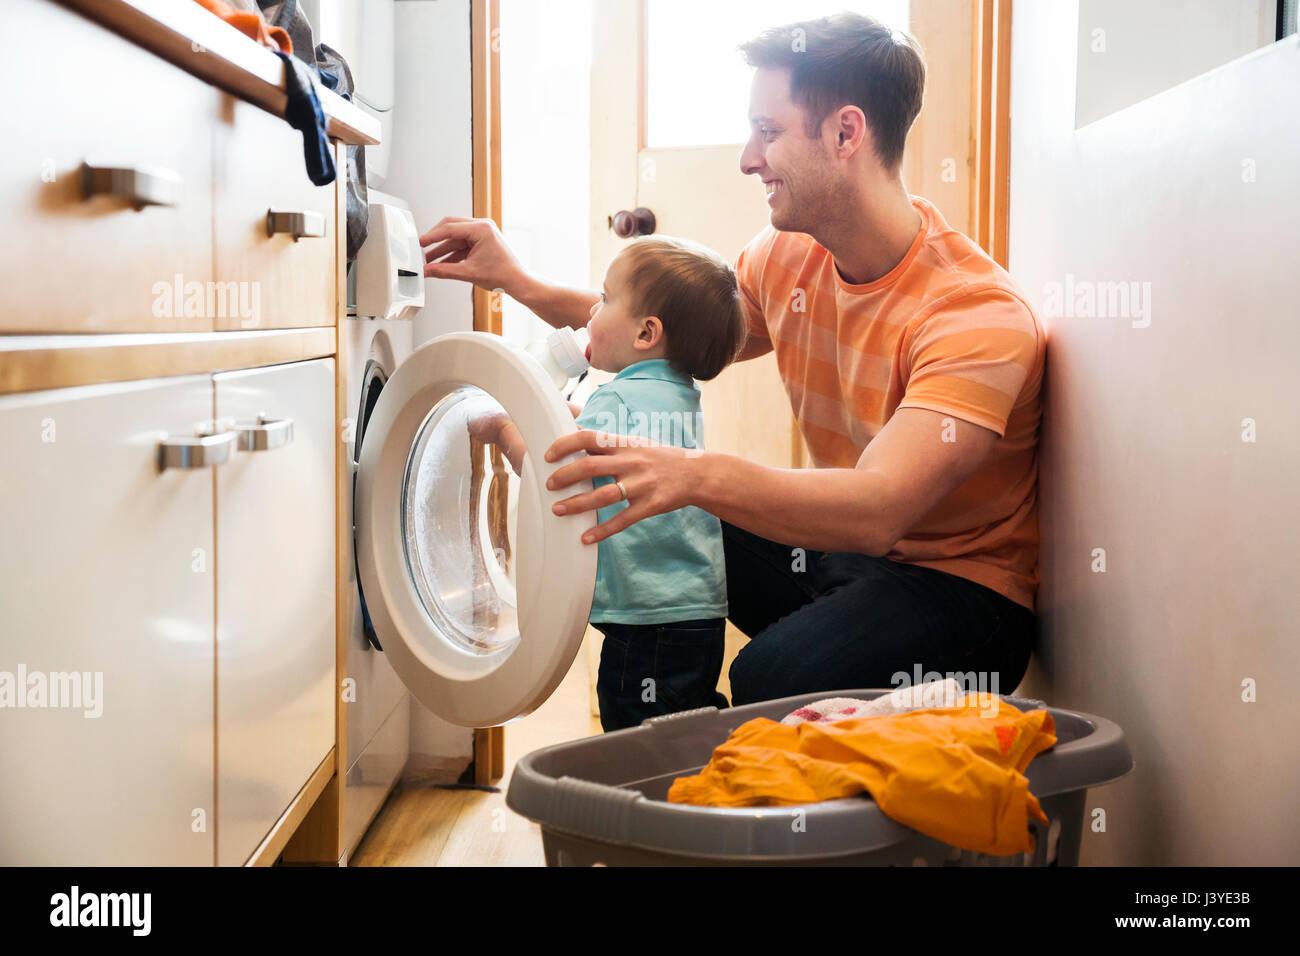 Padre e figlio toddler facendo servizio lavanderia a casa Immagini Stock